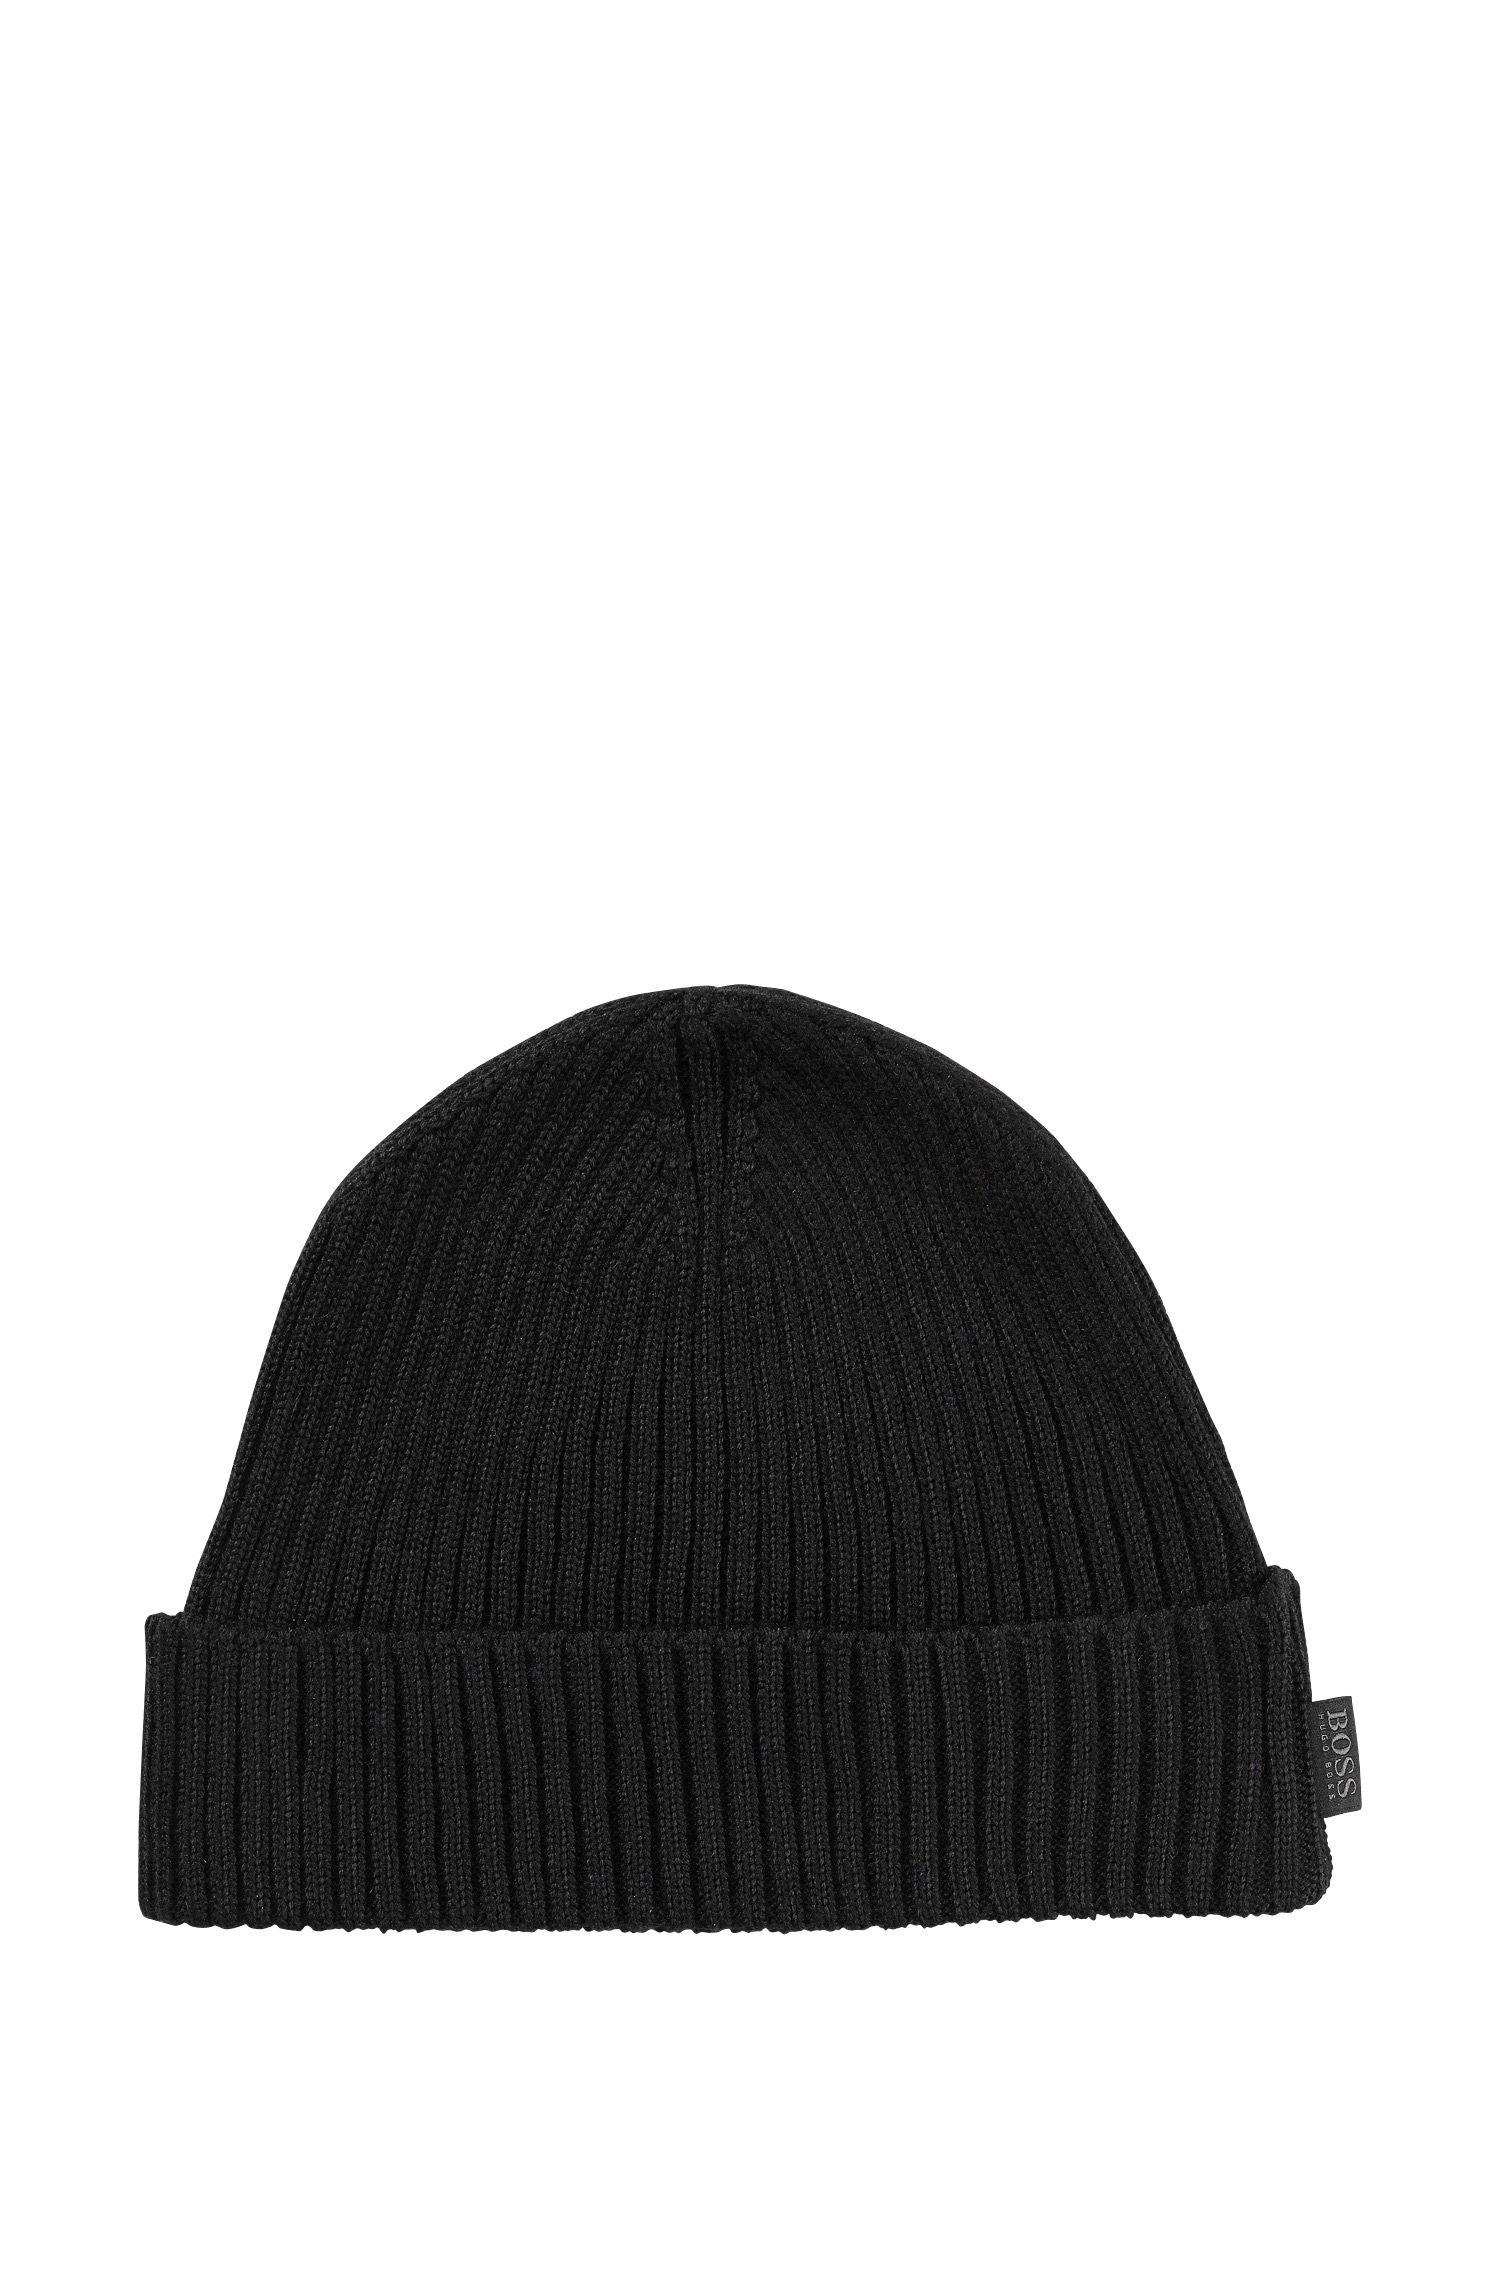 Mütze ´Nattea` mit runder Form